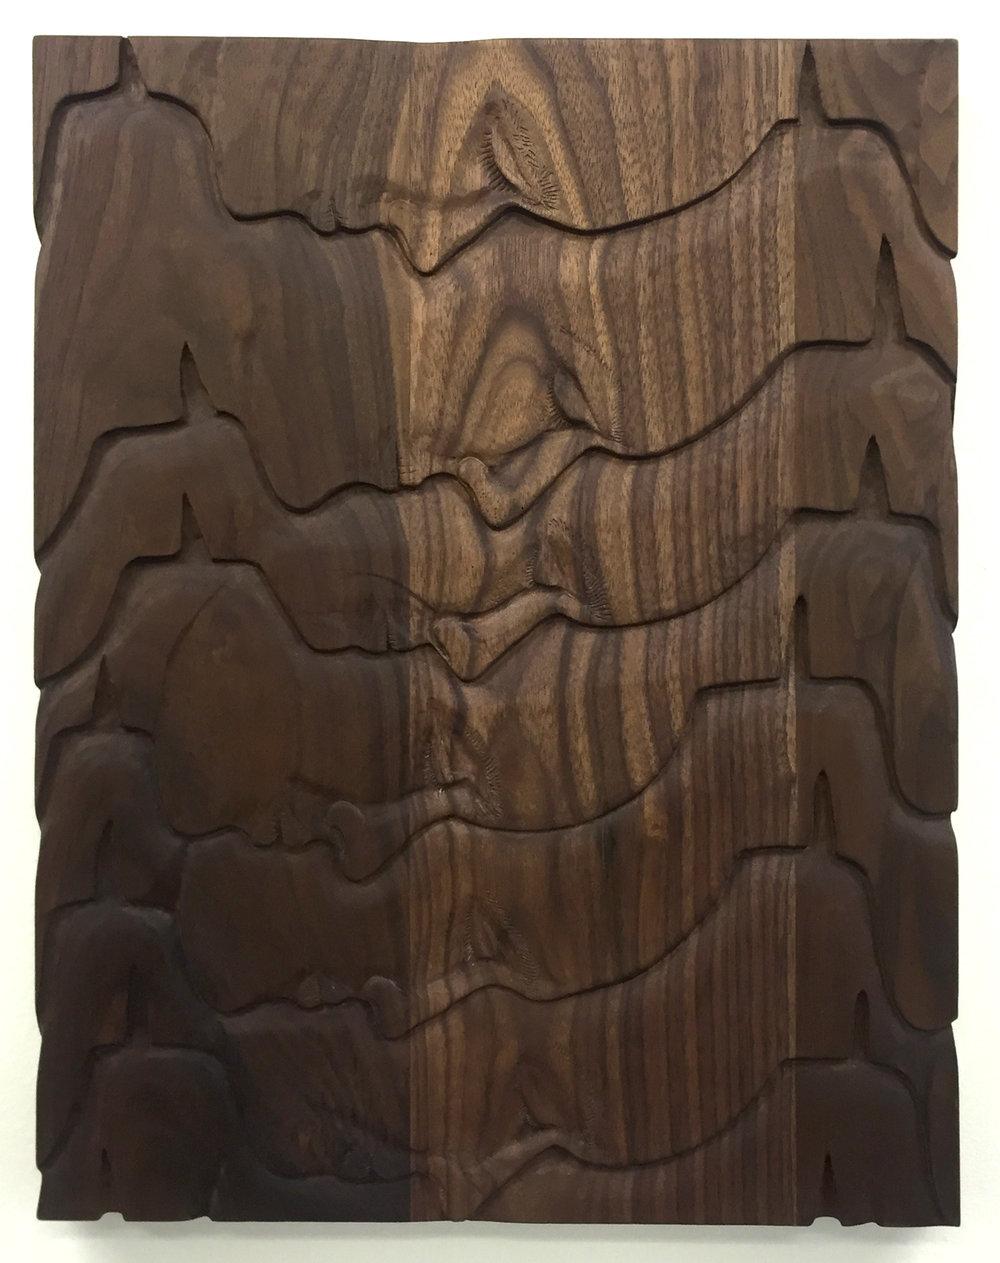 """Untitled (The Violent), 2017, walnut, 18"""" x 14"""""""